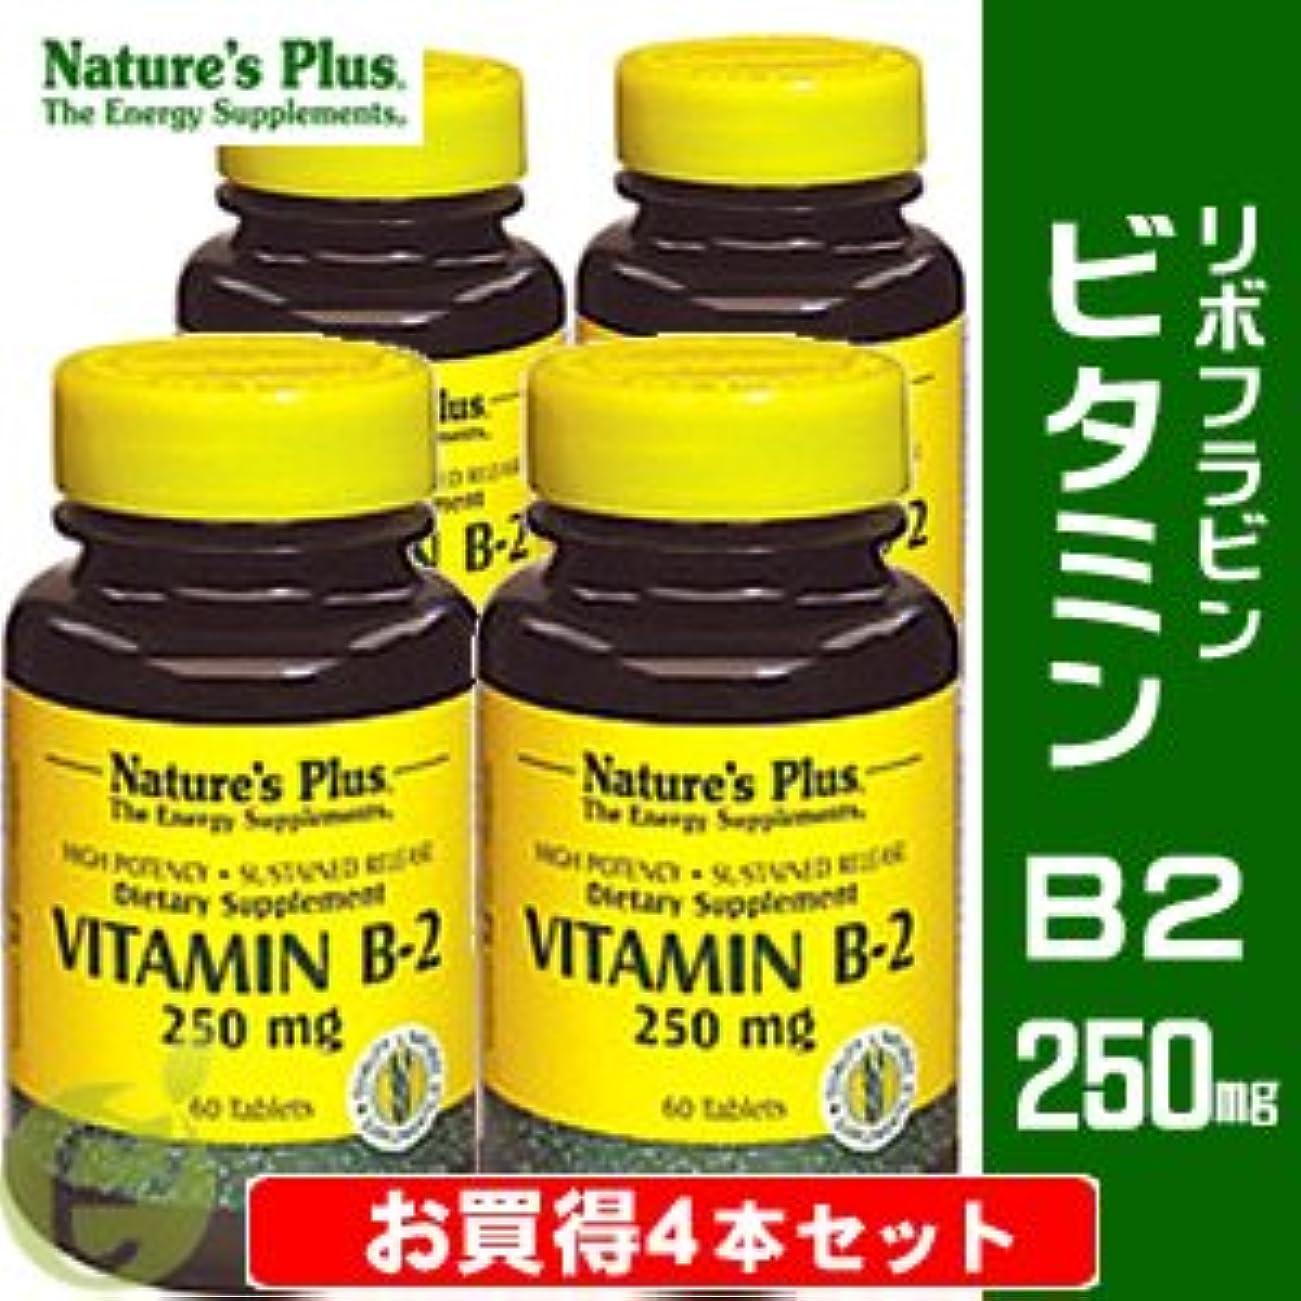 スラック試してみる食用ビタミンB2 250mg (リボフラビン) 【お買得4本セット】